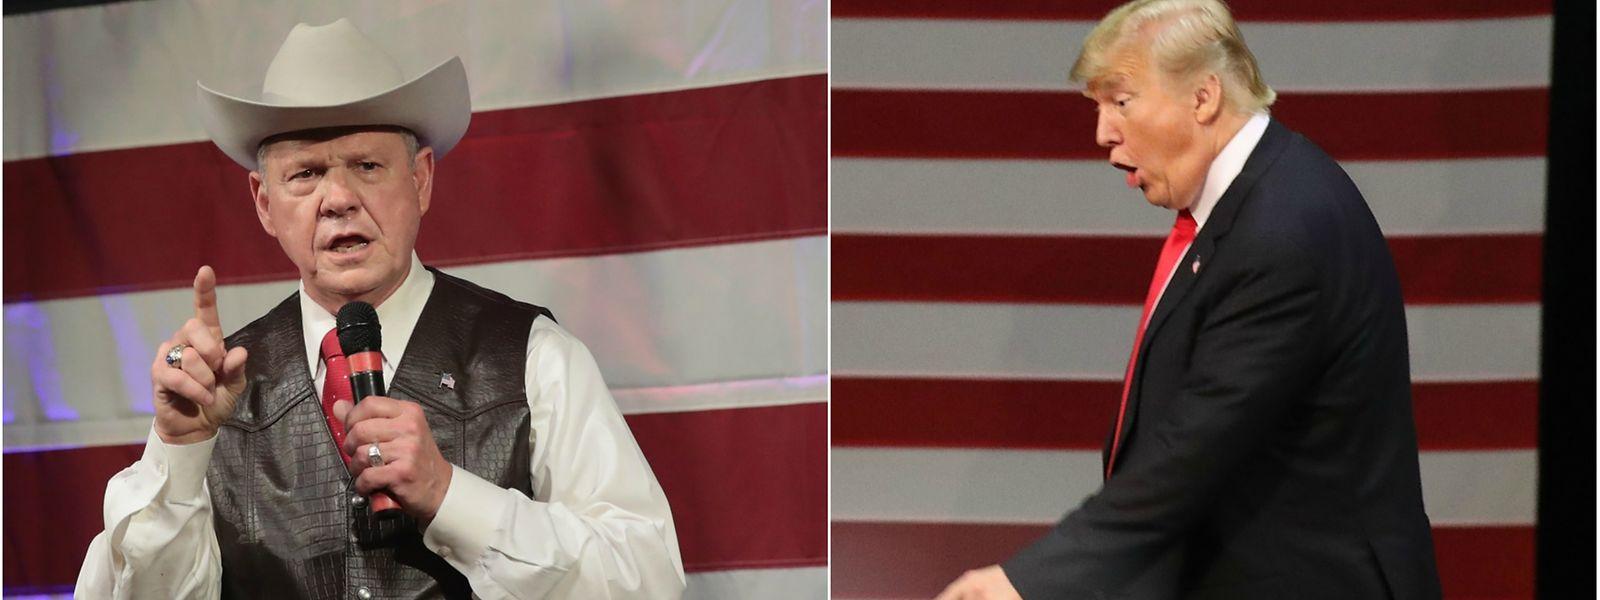 Roy Moore (l.) ist höchst umstritten, Donald Trump möchte ihn im Senat sehen.